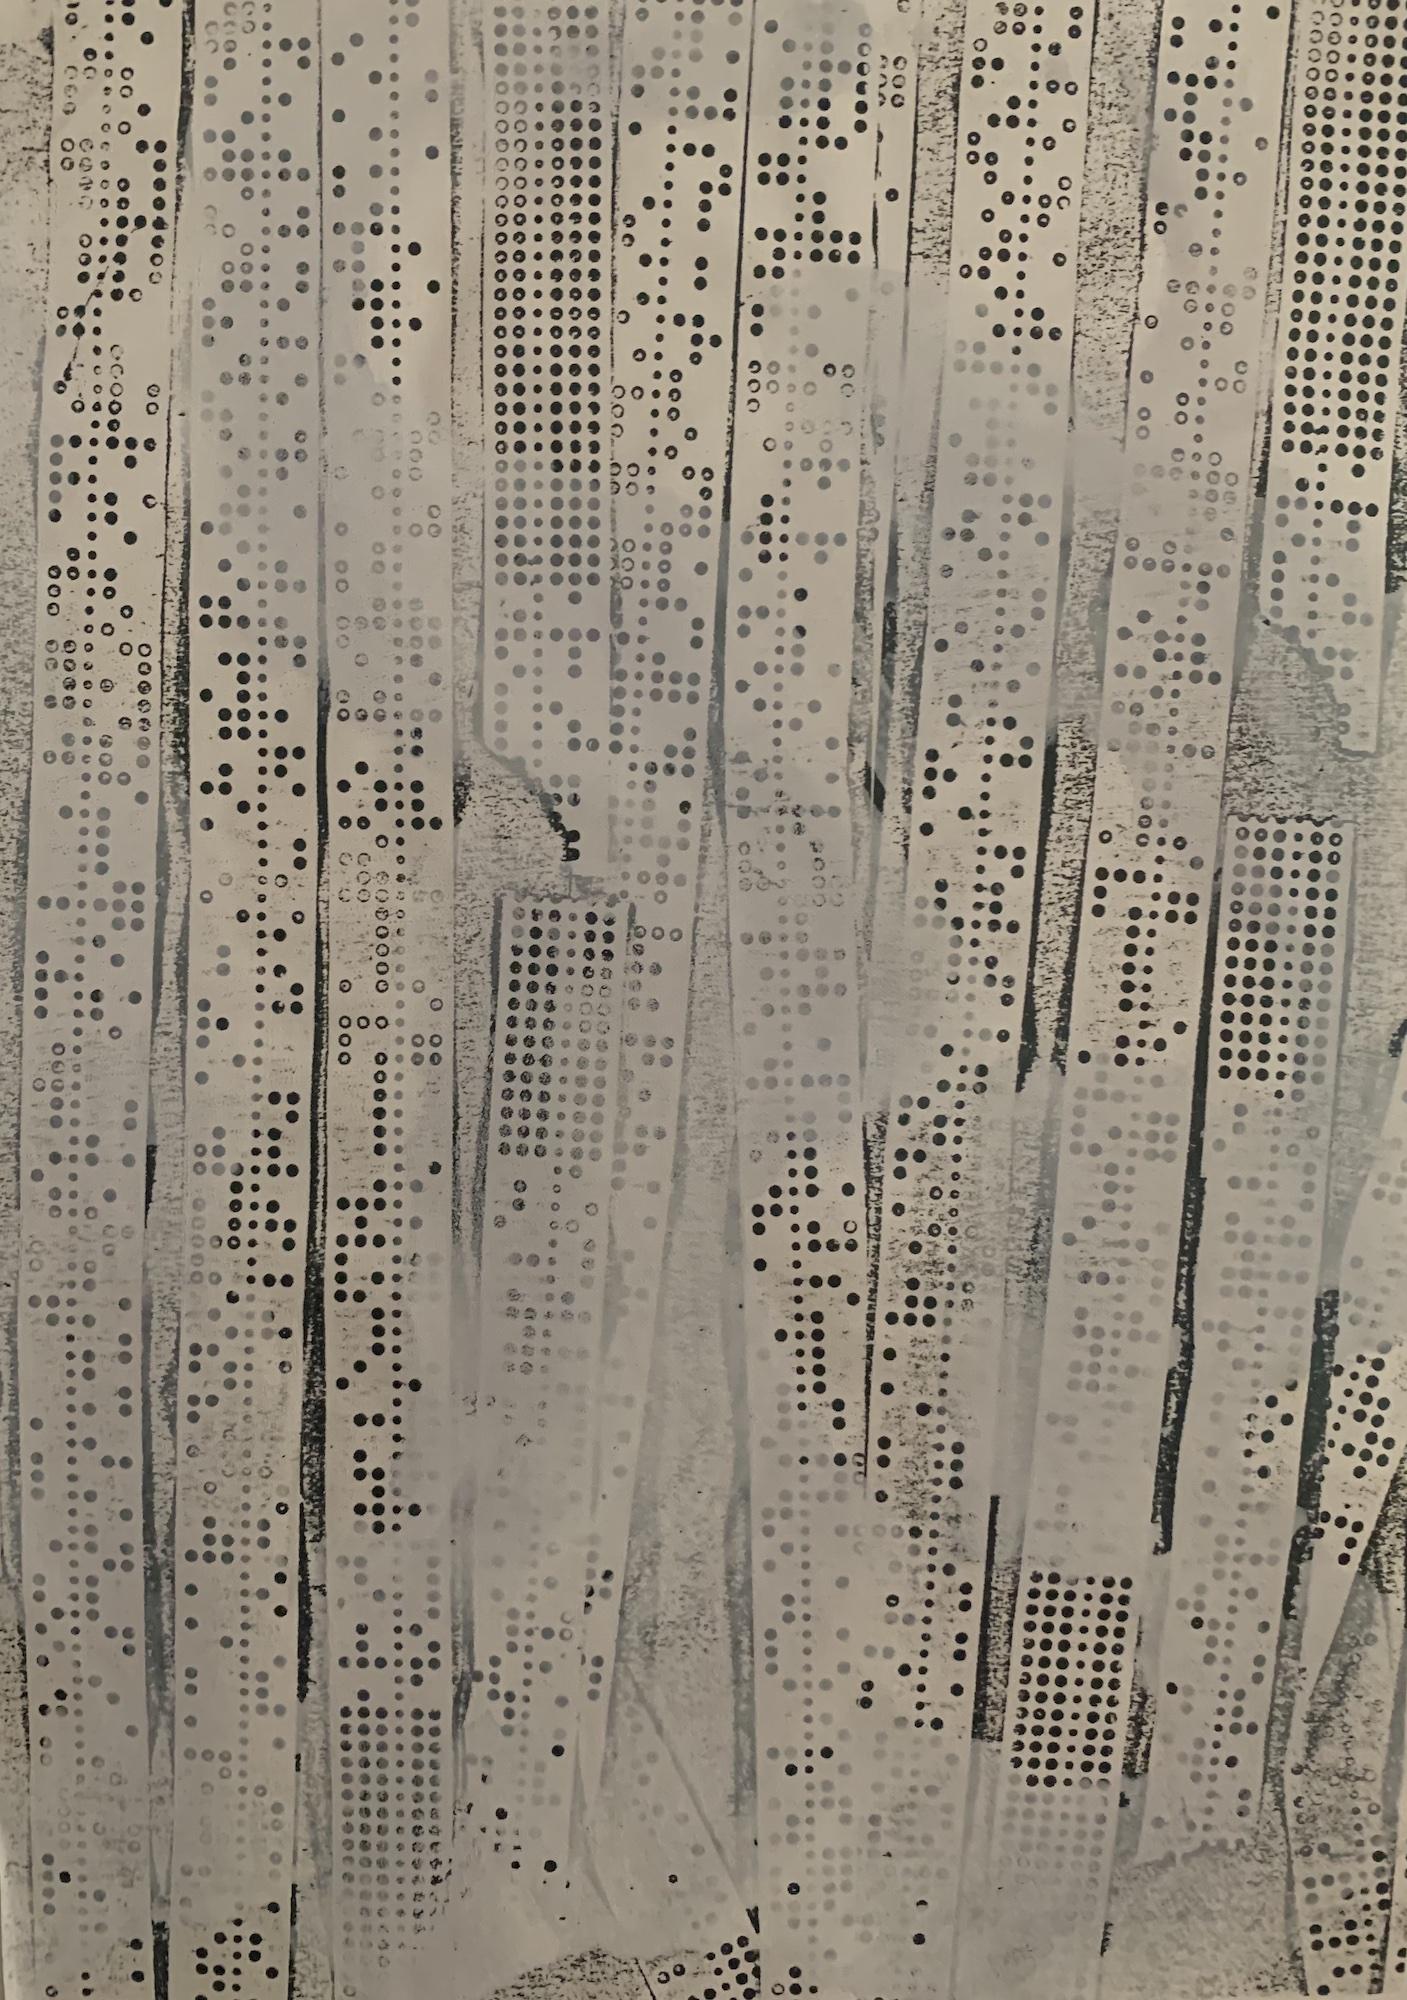 27 – Herbert Zangs (1924 – 2003)<br><br>Ohne Titel / Lochstreifenfotokopie<br>mit weißer Dispersionsfarbe übermalt um 1982<br>29,7 x 21,0 cm<br>rückseitig Nachlass-Stempel<br>Provenienz: Nachlass des Künstlers<br>Die Arbeit ist in das Herbert Zangs Nachlass-Archiv Maulberger aufgenommen.